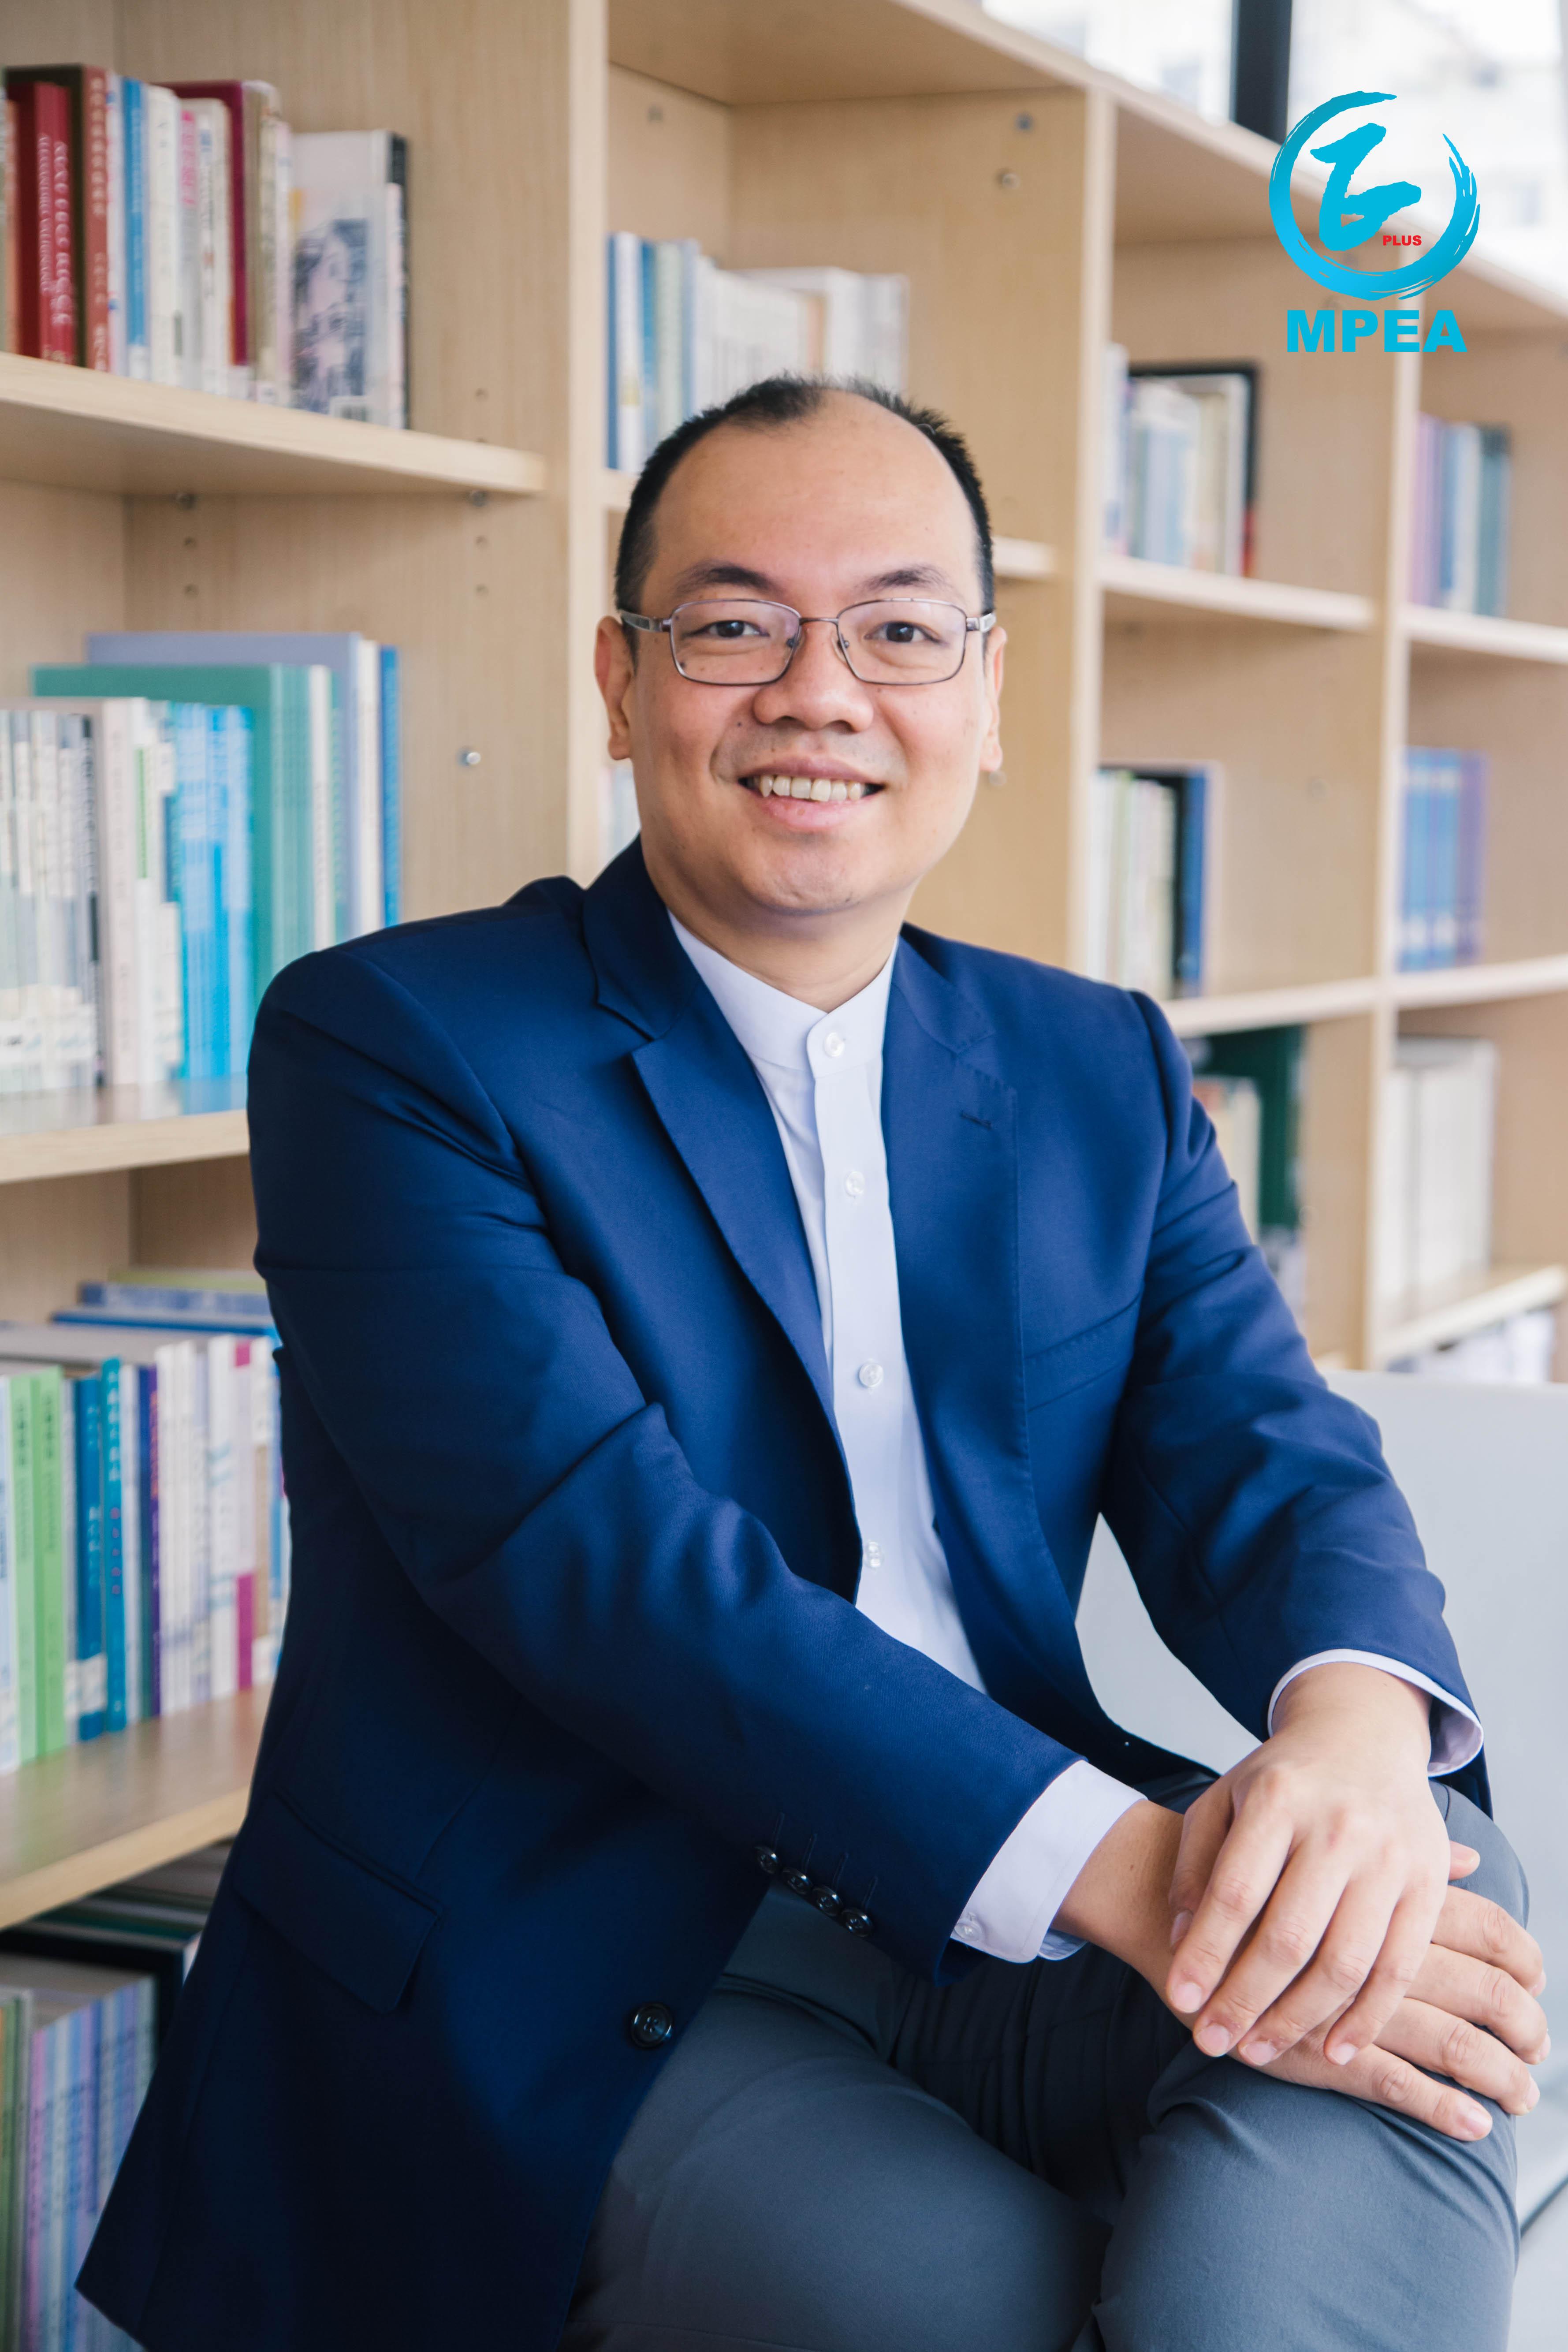 陳志峰熱心參與教育研究和人才培育的工作